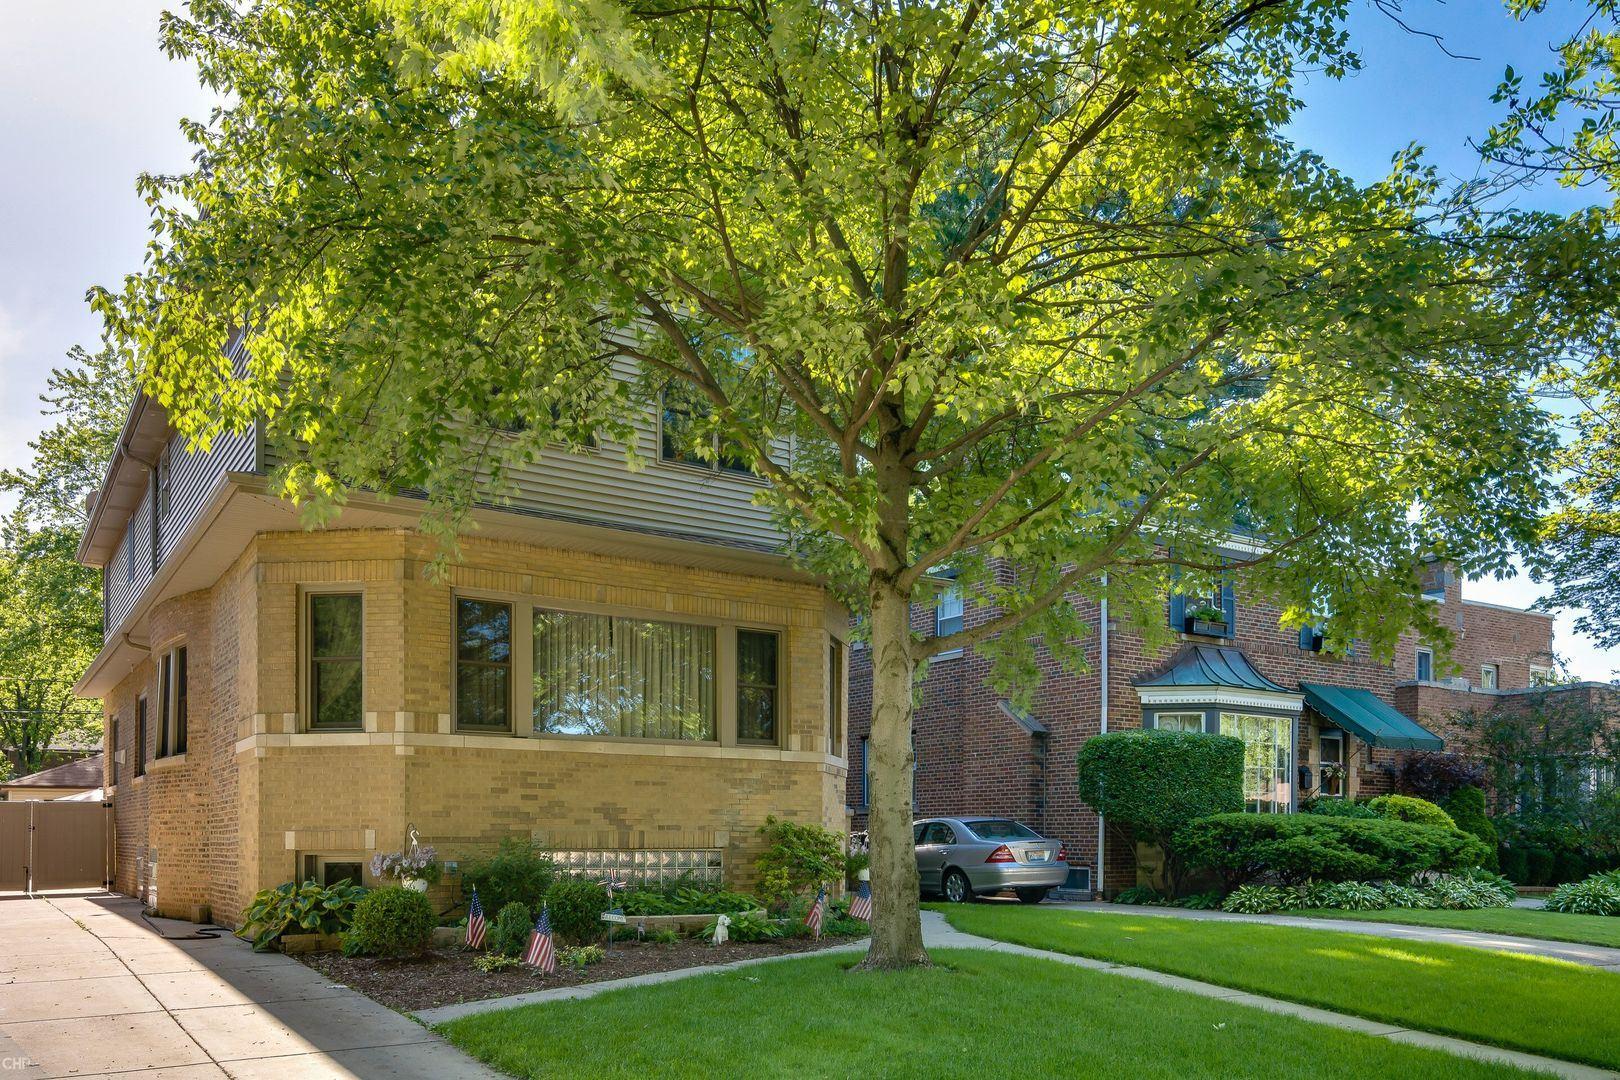 10312 S Talman Avenue, Chicago, IL 60655 - #: 10683717